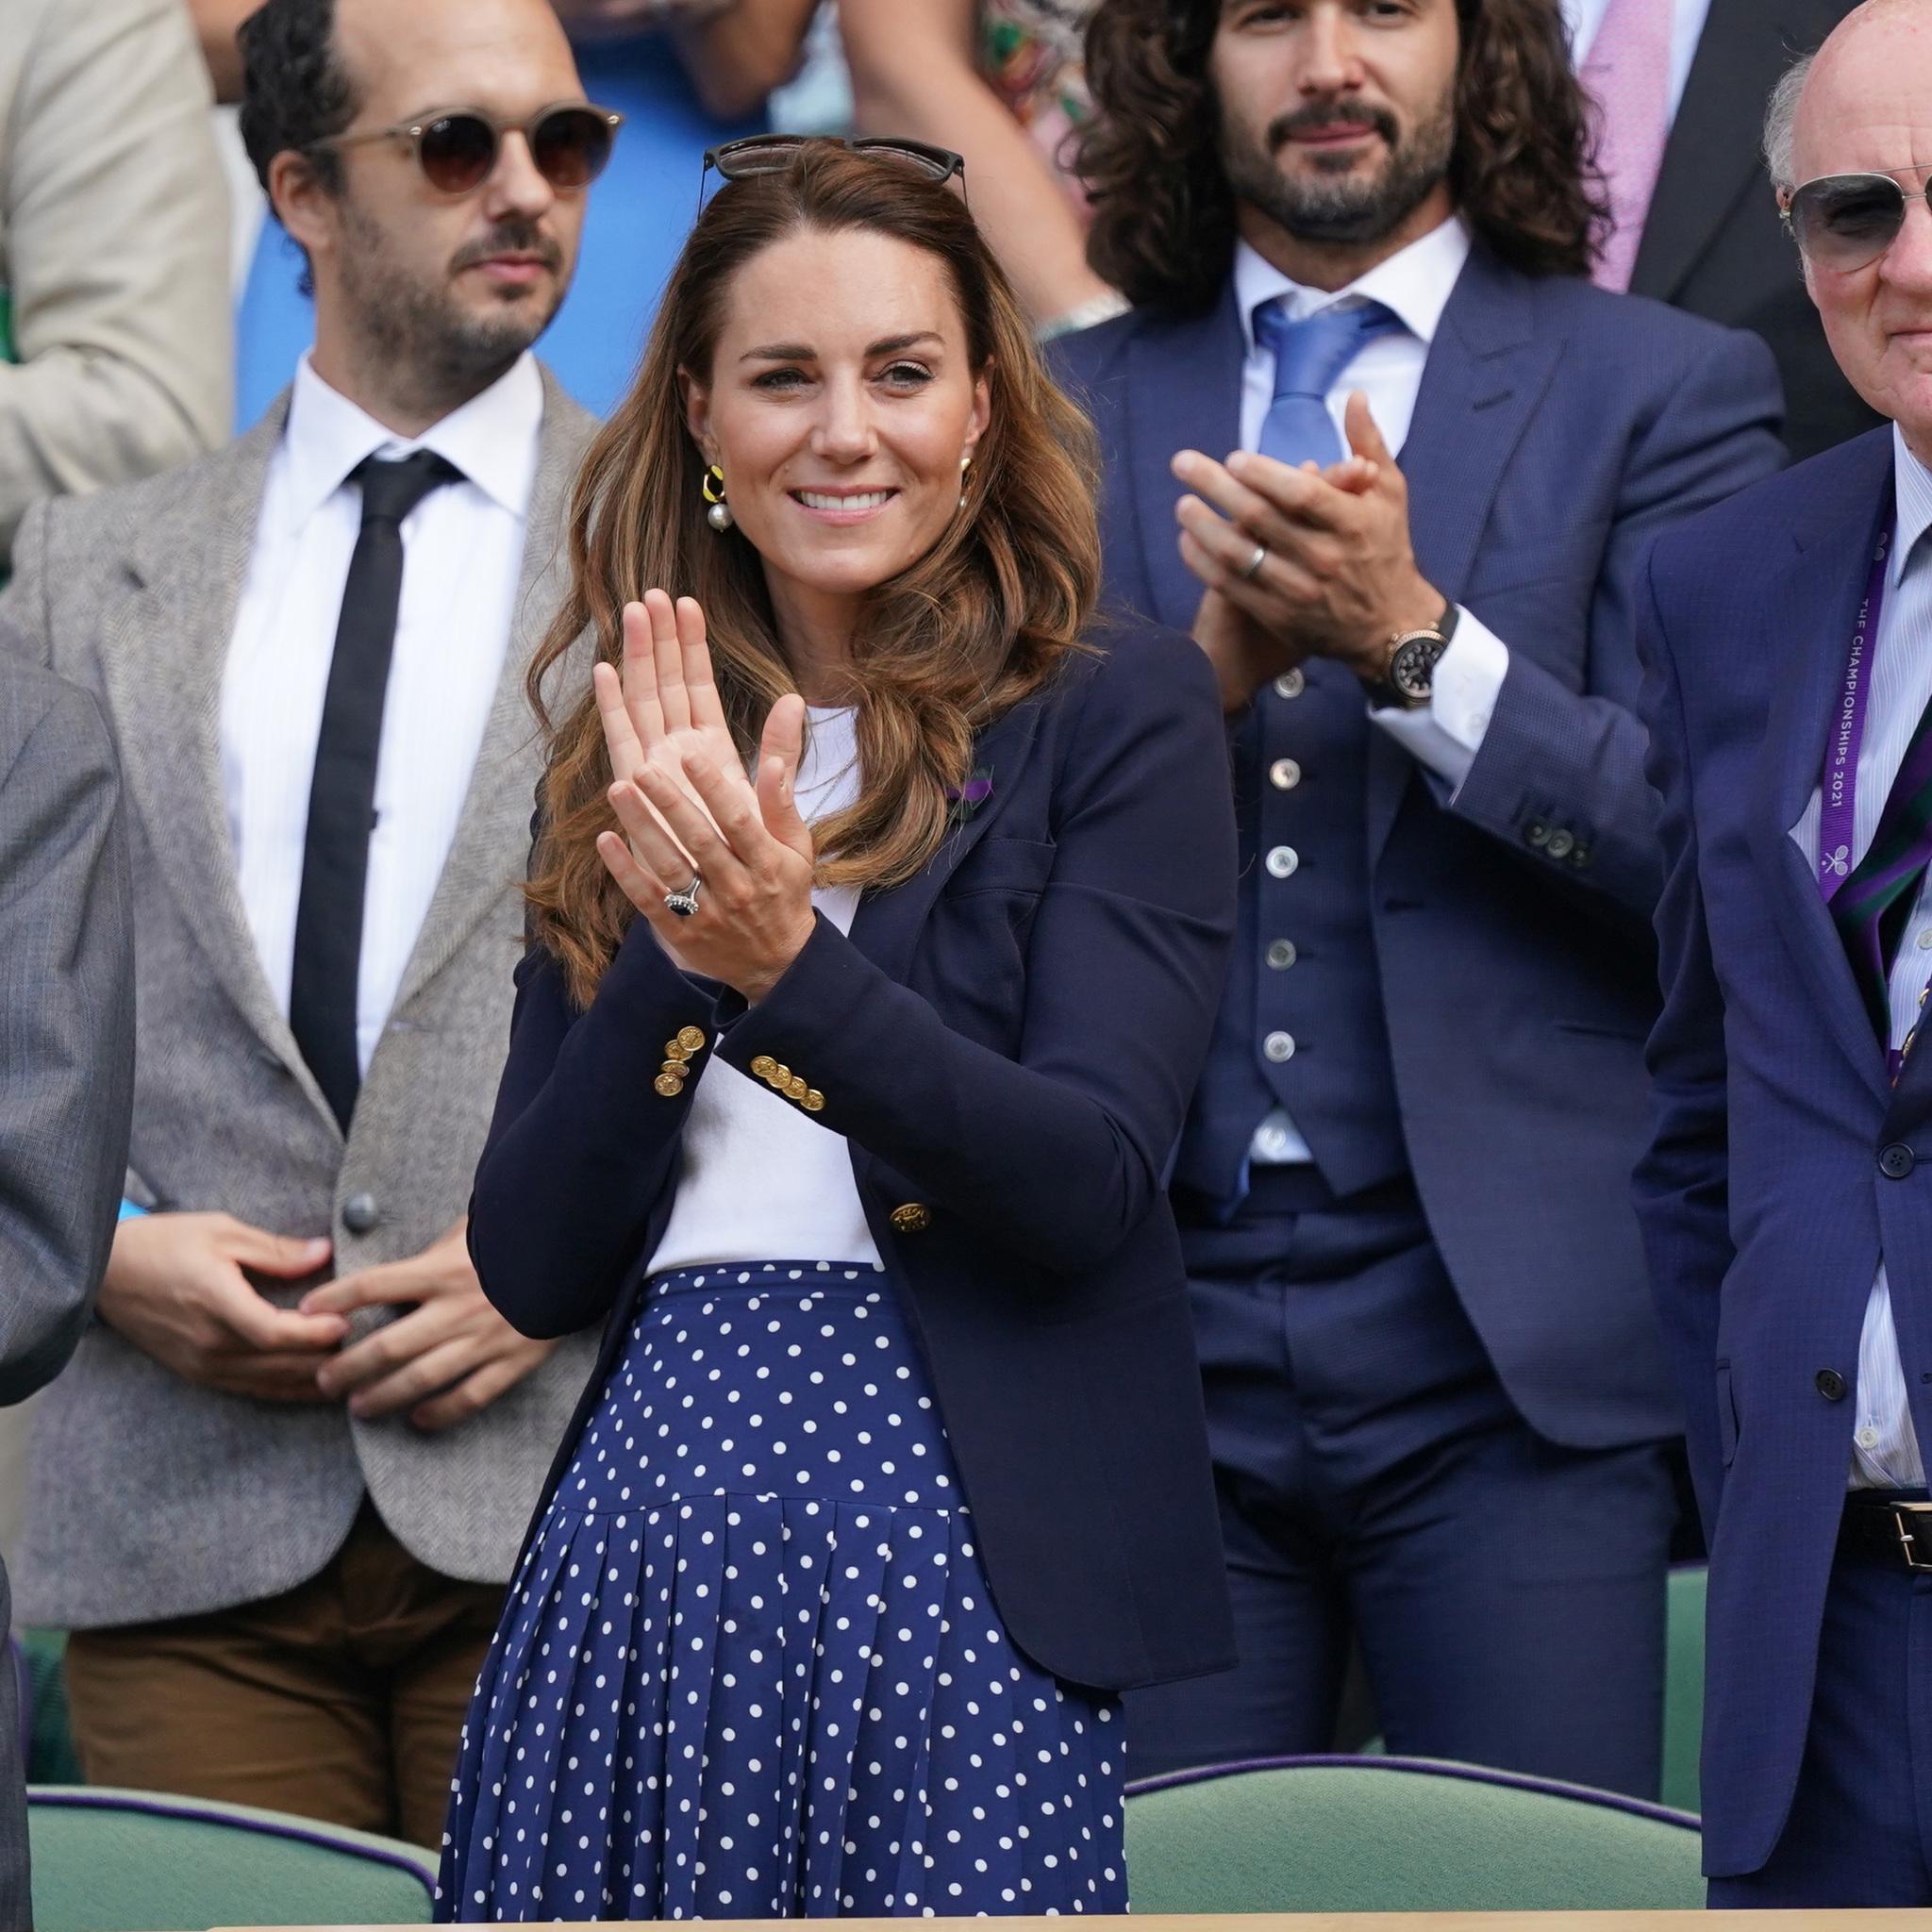 Kate Middleton asistió a un partido, disfrutando de la competencia junto al Duque de Kent, sino que también recorrió el Museo de Tenis de Wimbledon Lawn y pasó tiempo con el Chef Ejecutivo Adam Fargin en las cocinas en el Wimbledon Grounds. Foto: Gtres.